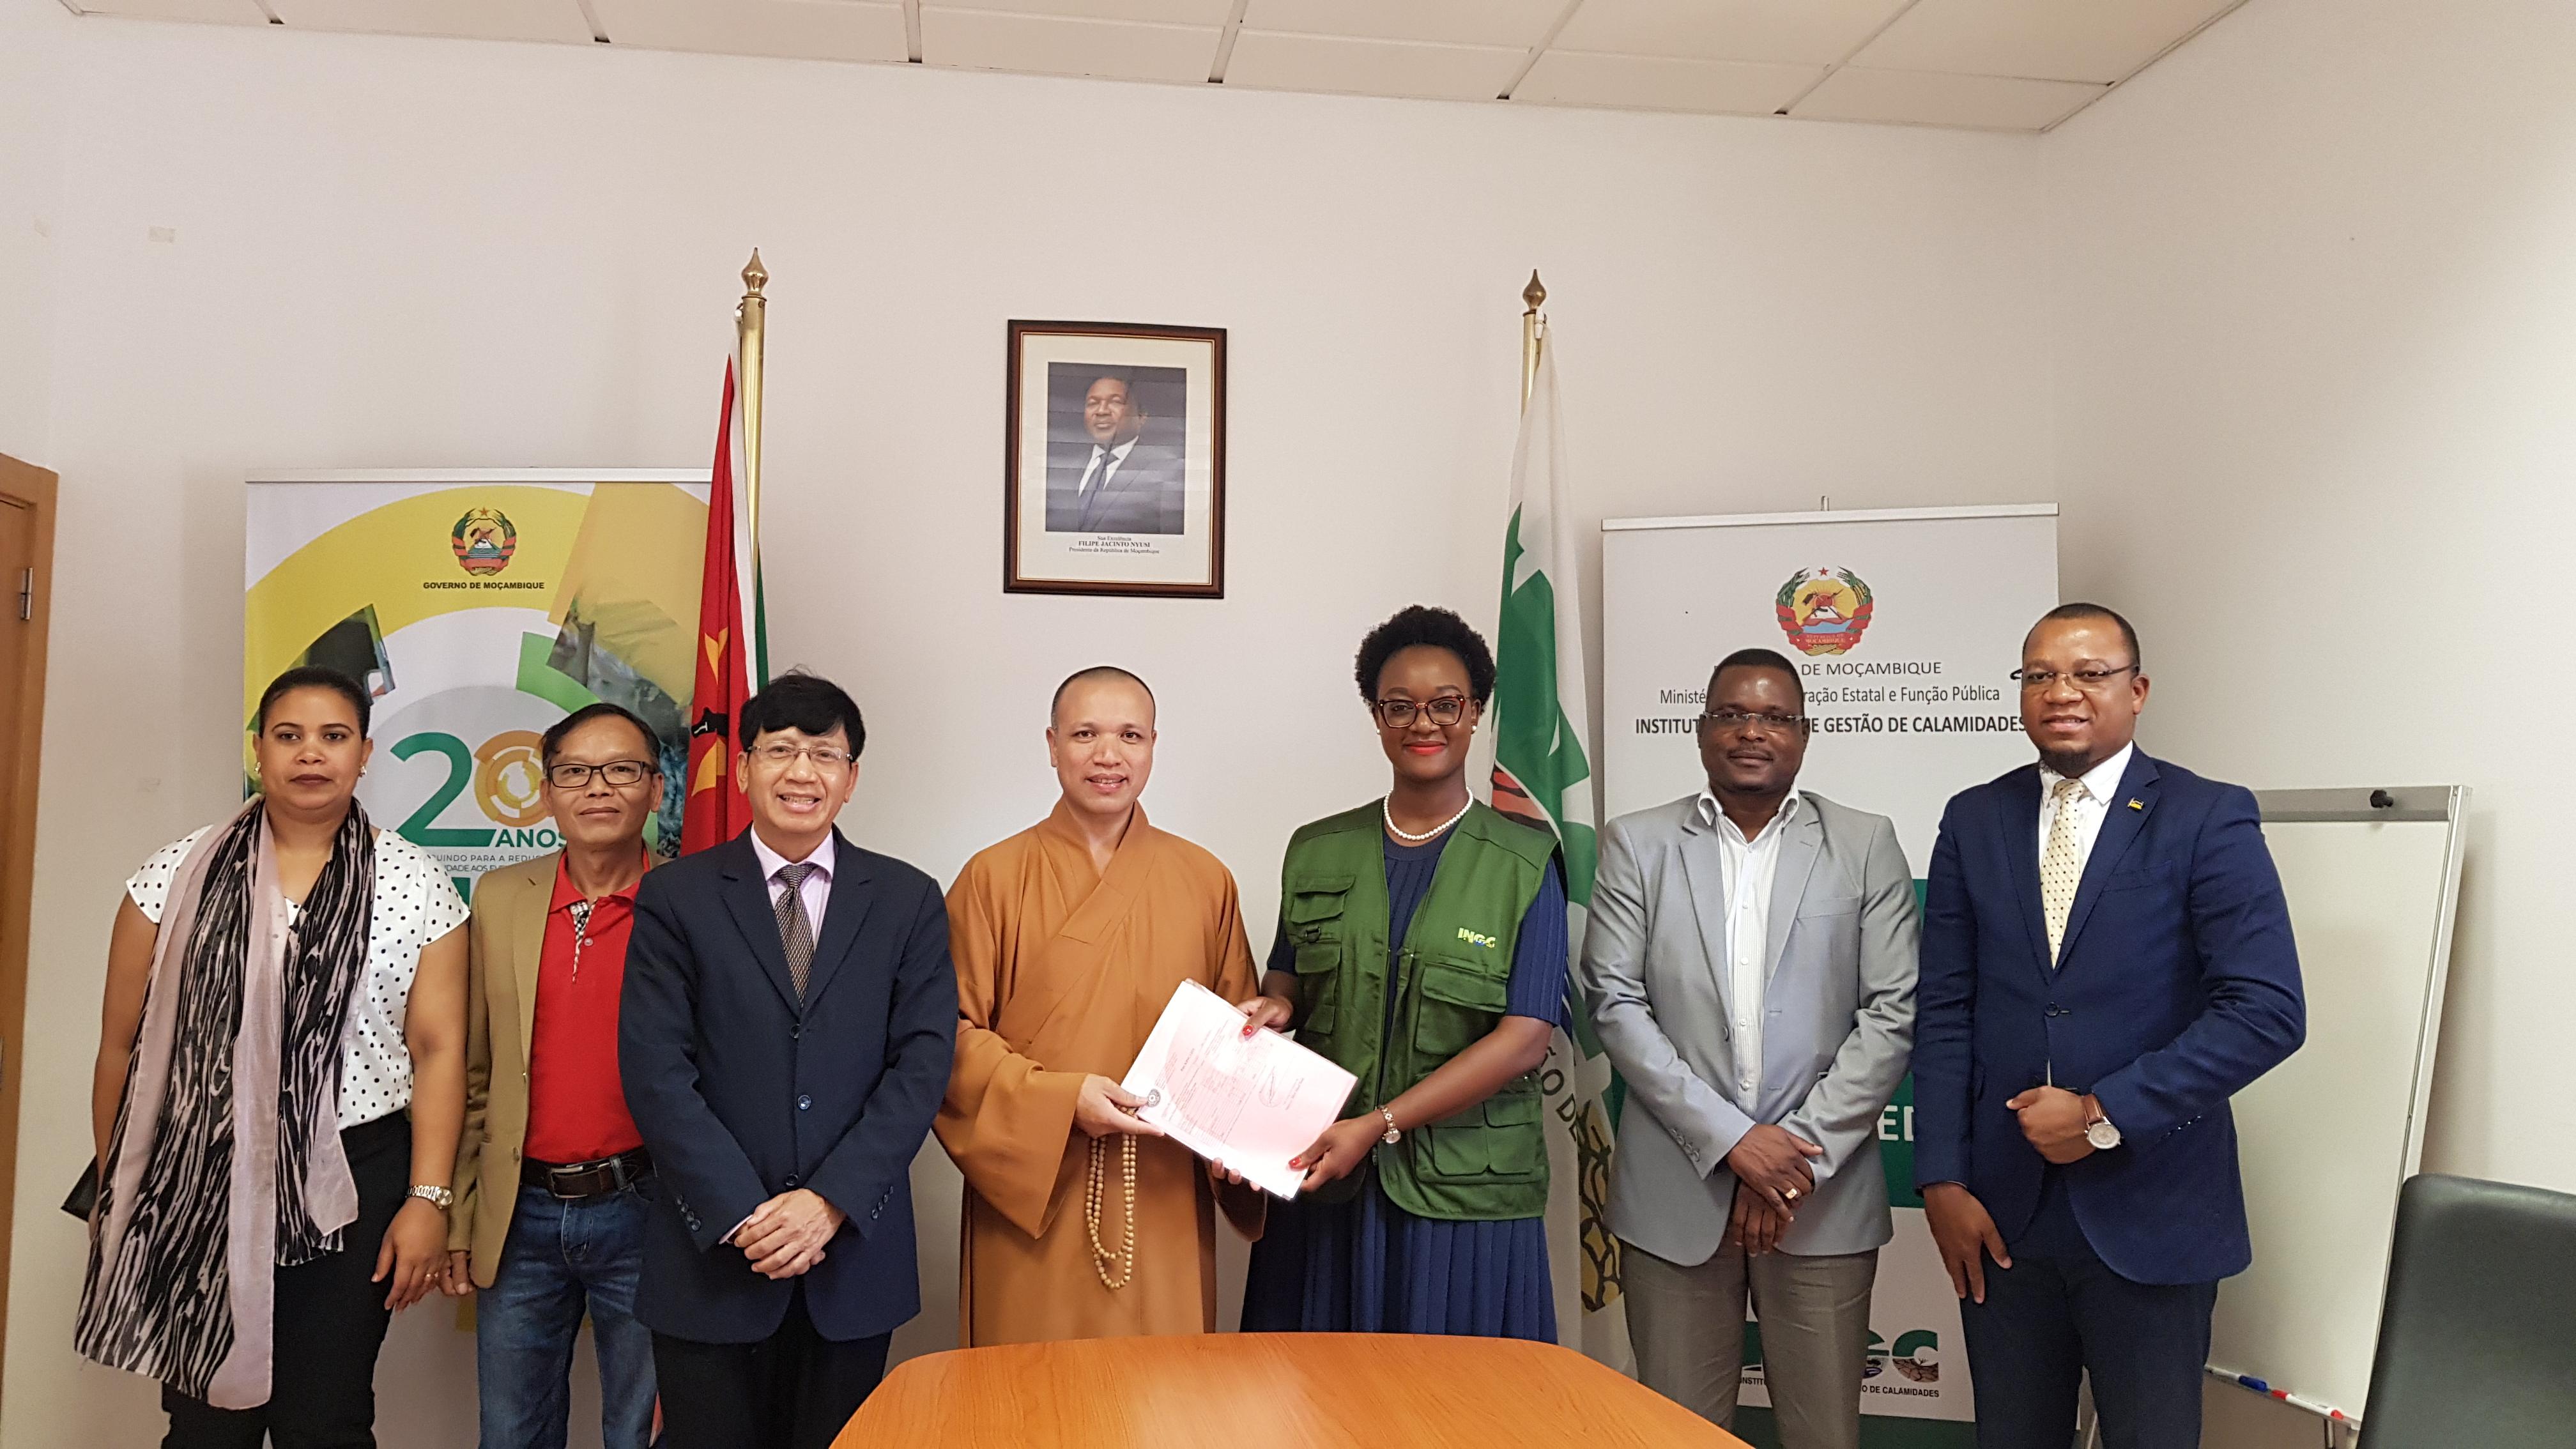 Mozambique đánh giá cao sự hỗ trợ từ thiện của Giáo hội Phật giáo Việt Nam